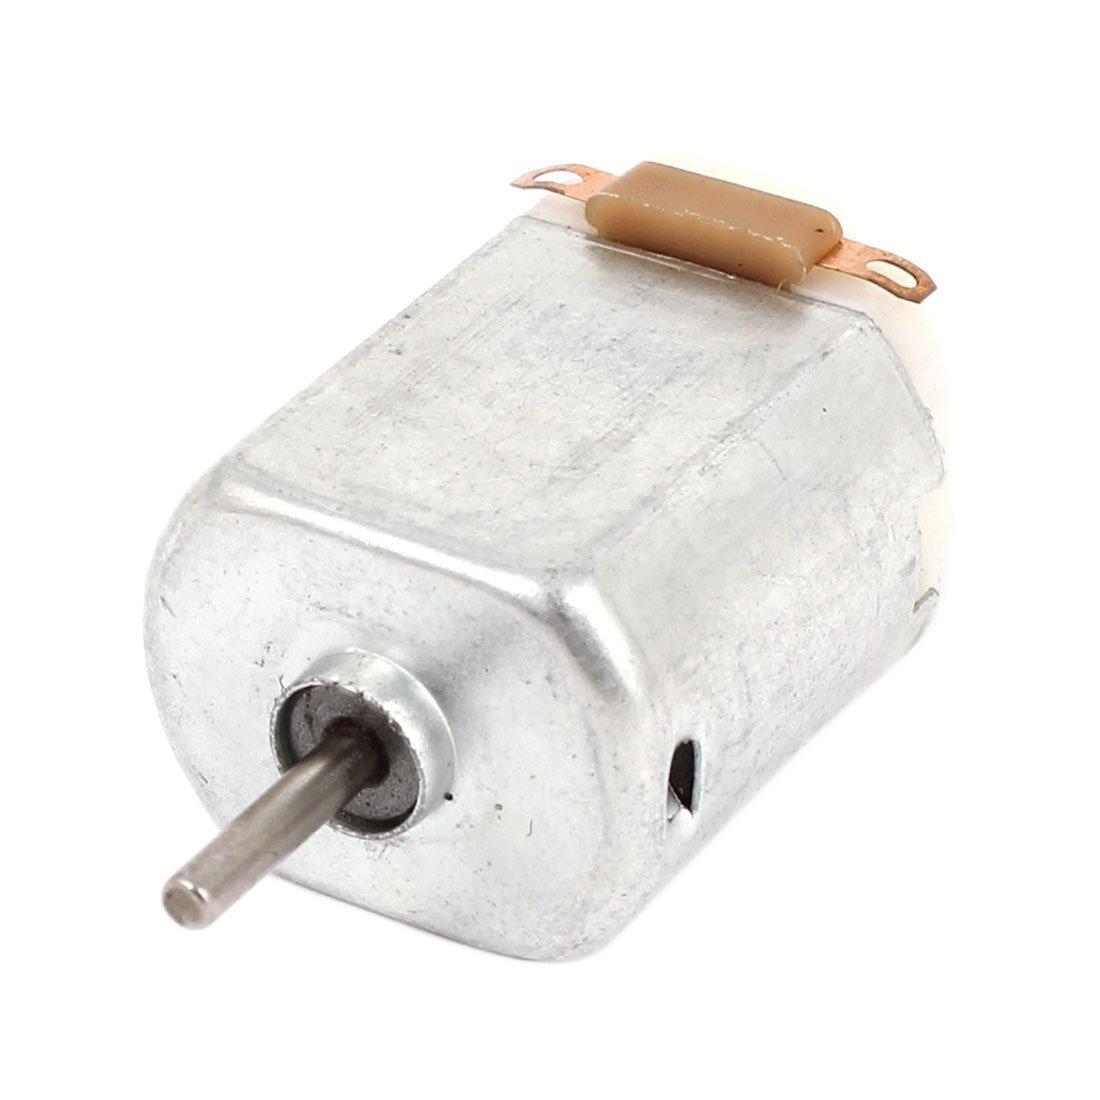 Mini Motor Electrico - TOOGOO(R) DC 1.5V-3V 18000 RPM Mini Motor Electrico para BRICOLAJE Juguetes Pasatiempos: Amazon.es: Bricolaje y herramientas